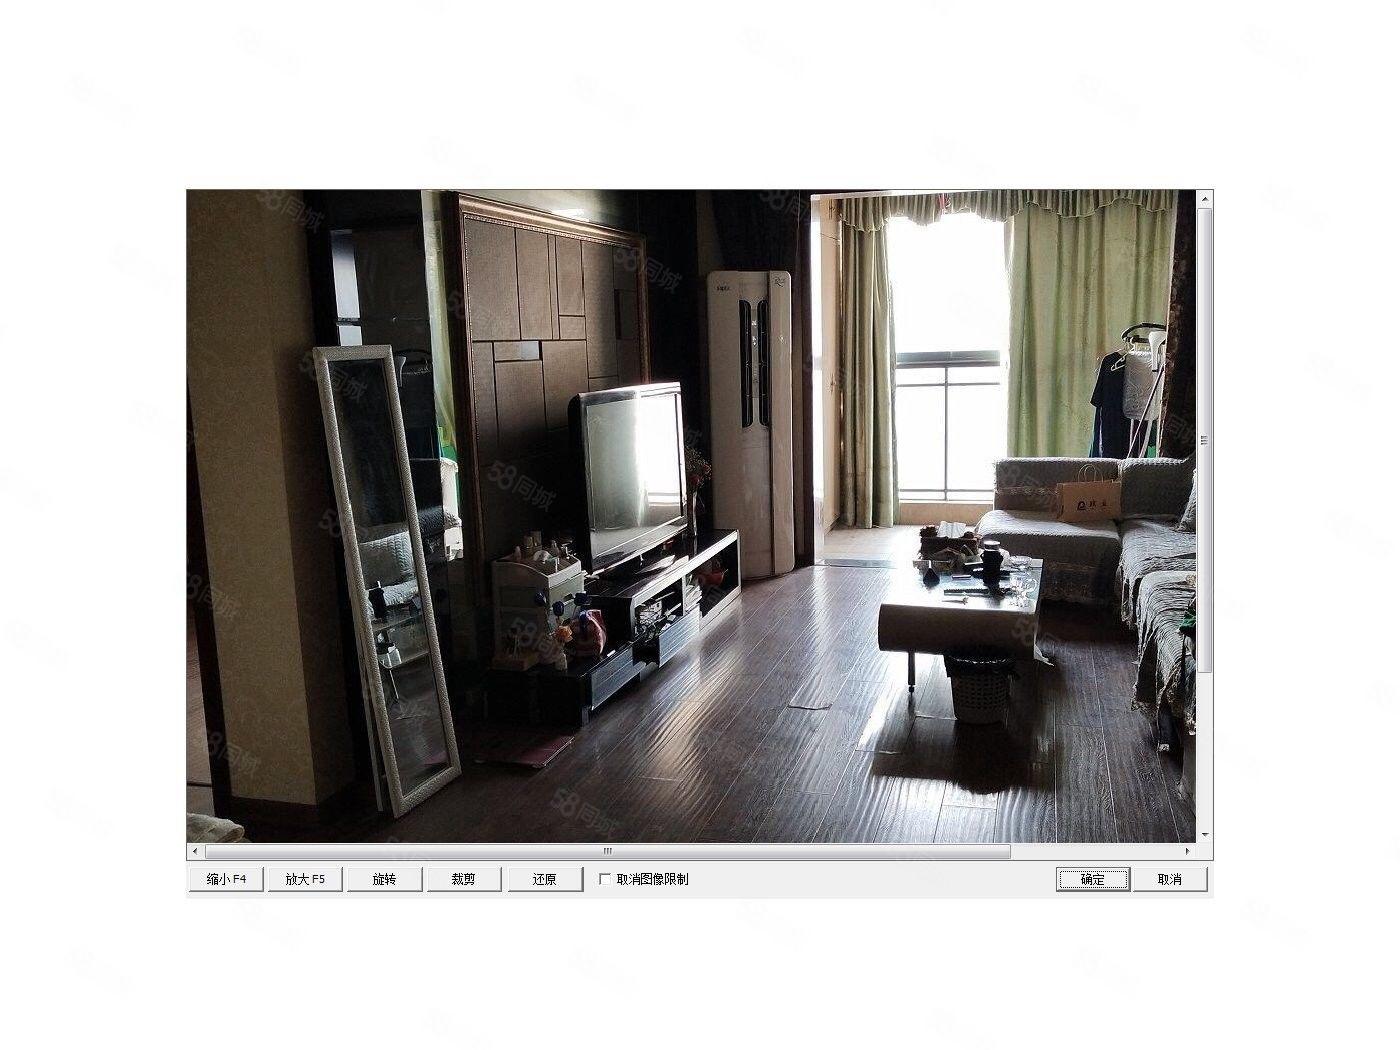 1號線輕軌出口旁金悅城正規兩室兩廳兩衛出租拎包入住朝向安靜